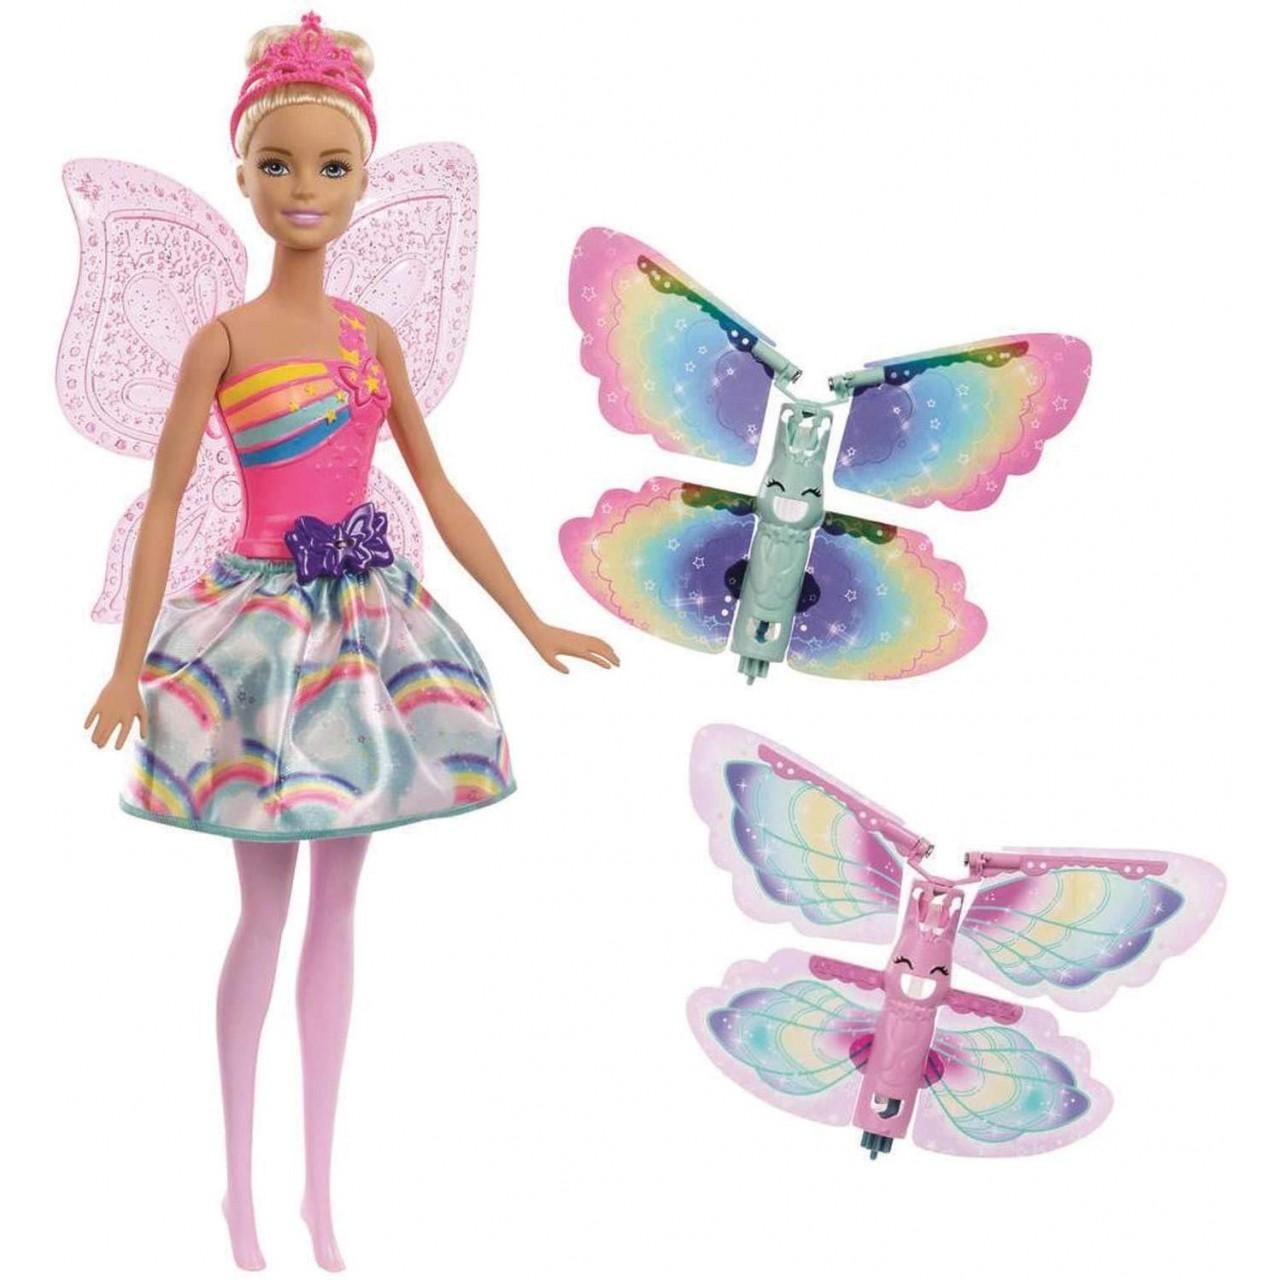 Кукла Barbie Dreamtopia Фея Летающие крылышки (FRB08)